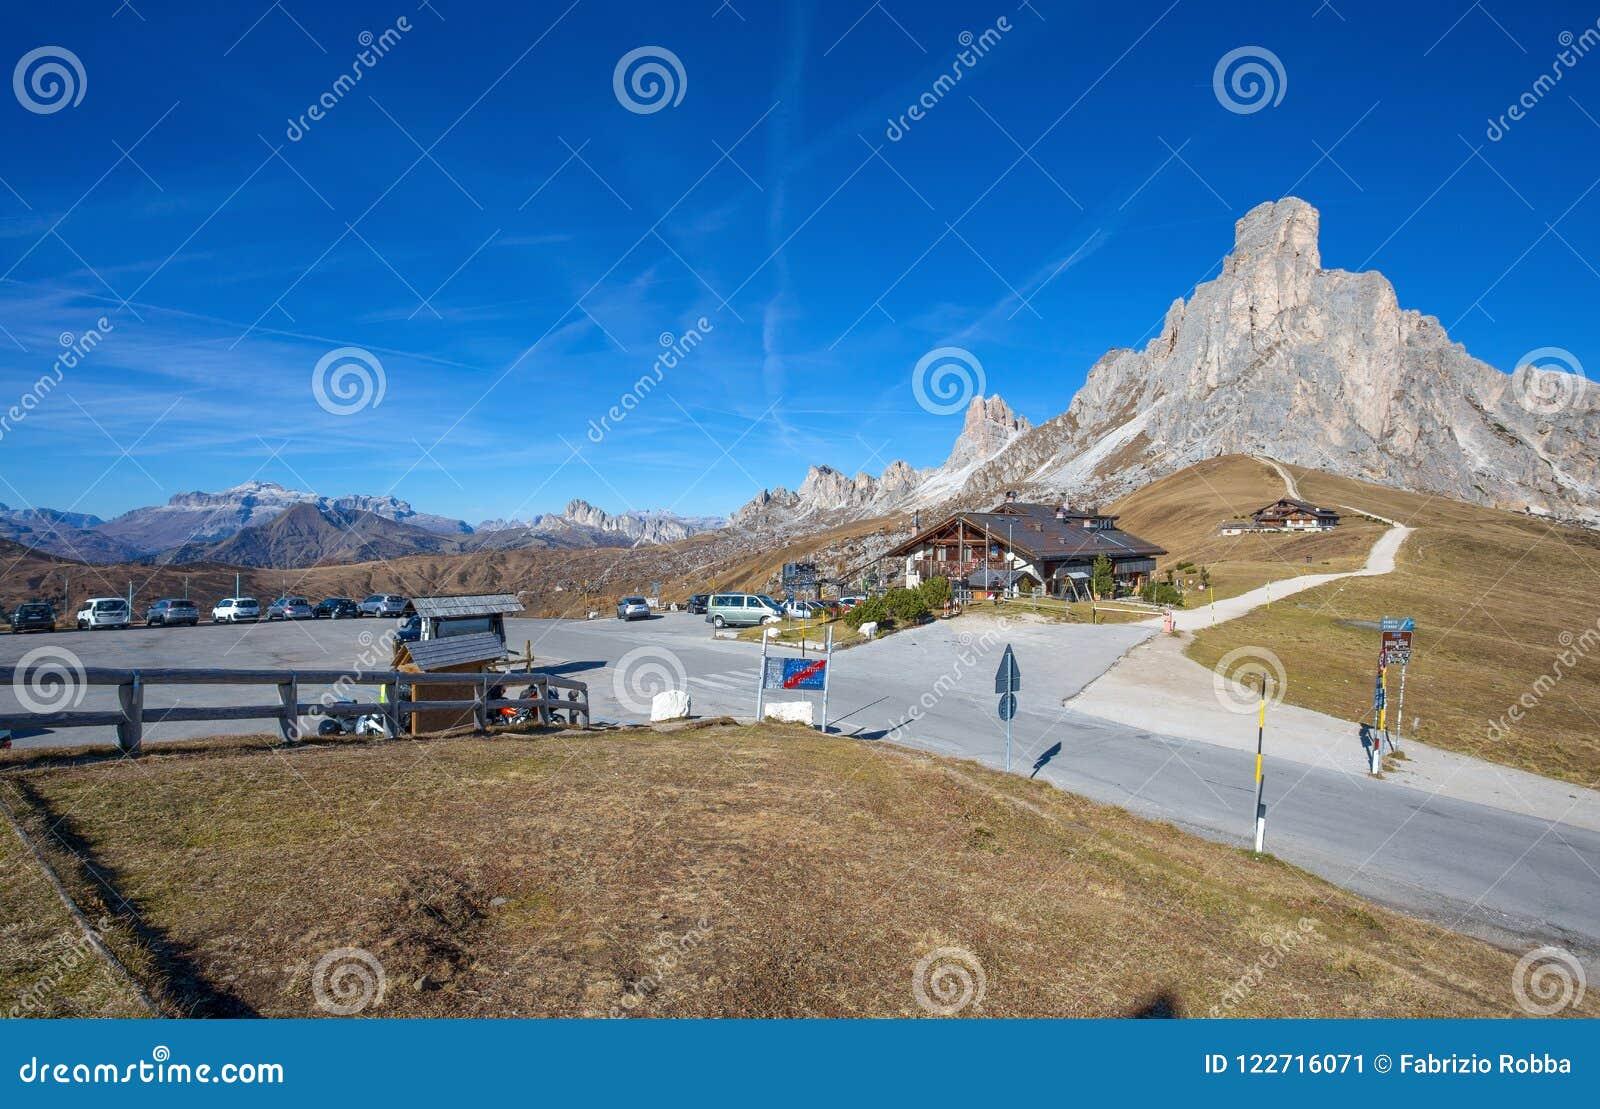 Höstlandskapet på det Giau passerandet med berömda Ra Gusela, Nuvolau når en höjdpunkt i bakgrund, Dolomites, Italien,